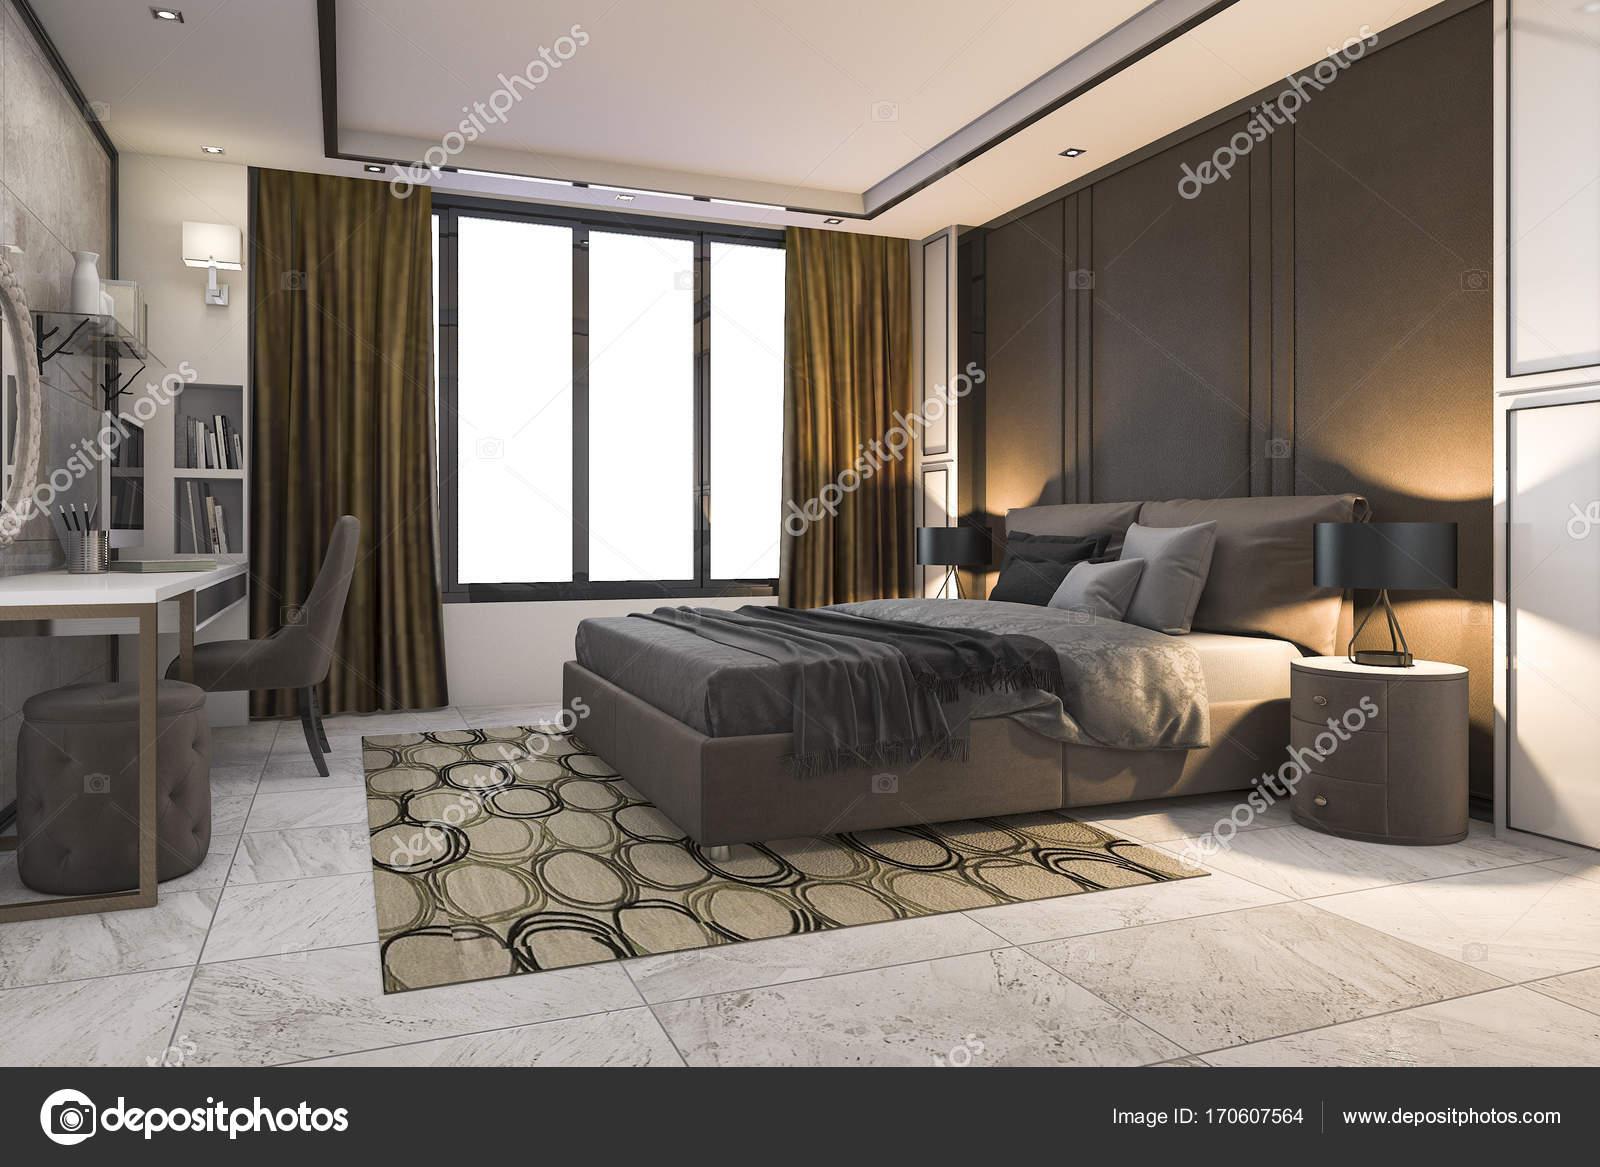 Arredamento Camera Da Letto Marrone : Camera da letto lusso marrone di rendering d con arredamento